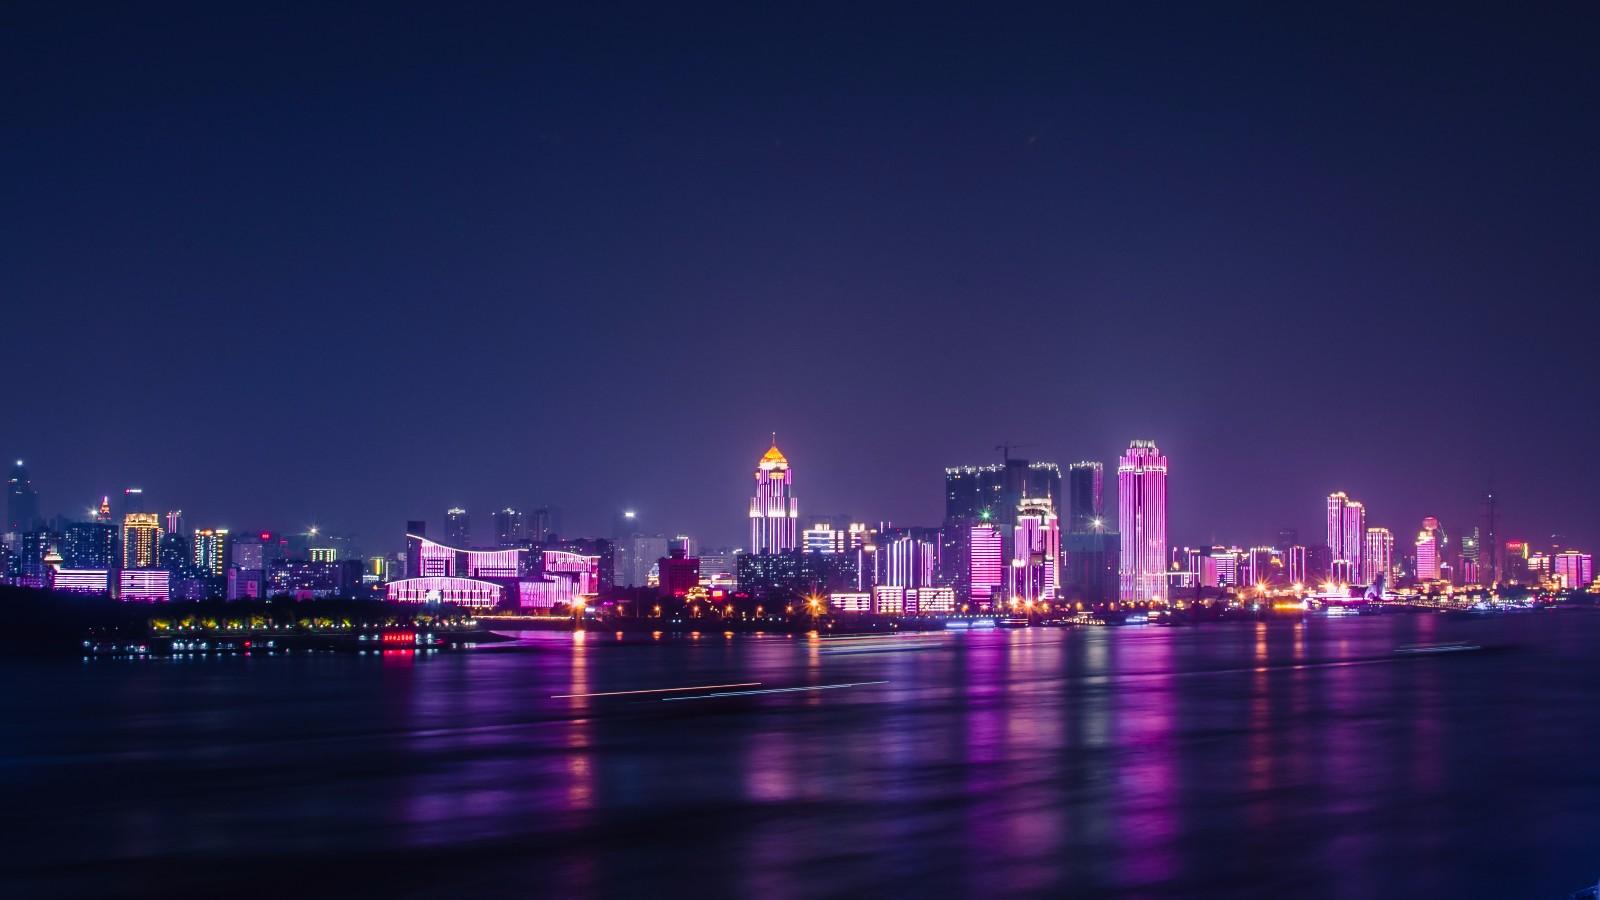 【我是旅行家】最适合小蜜月的慢游攻略,我在江城等你来